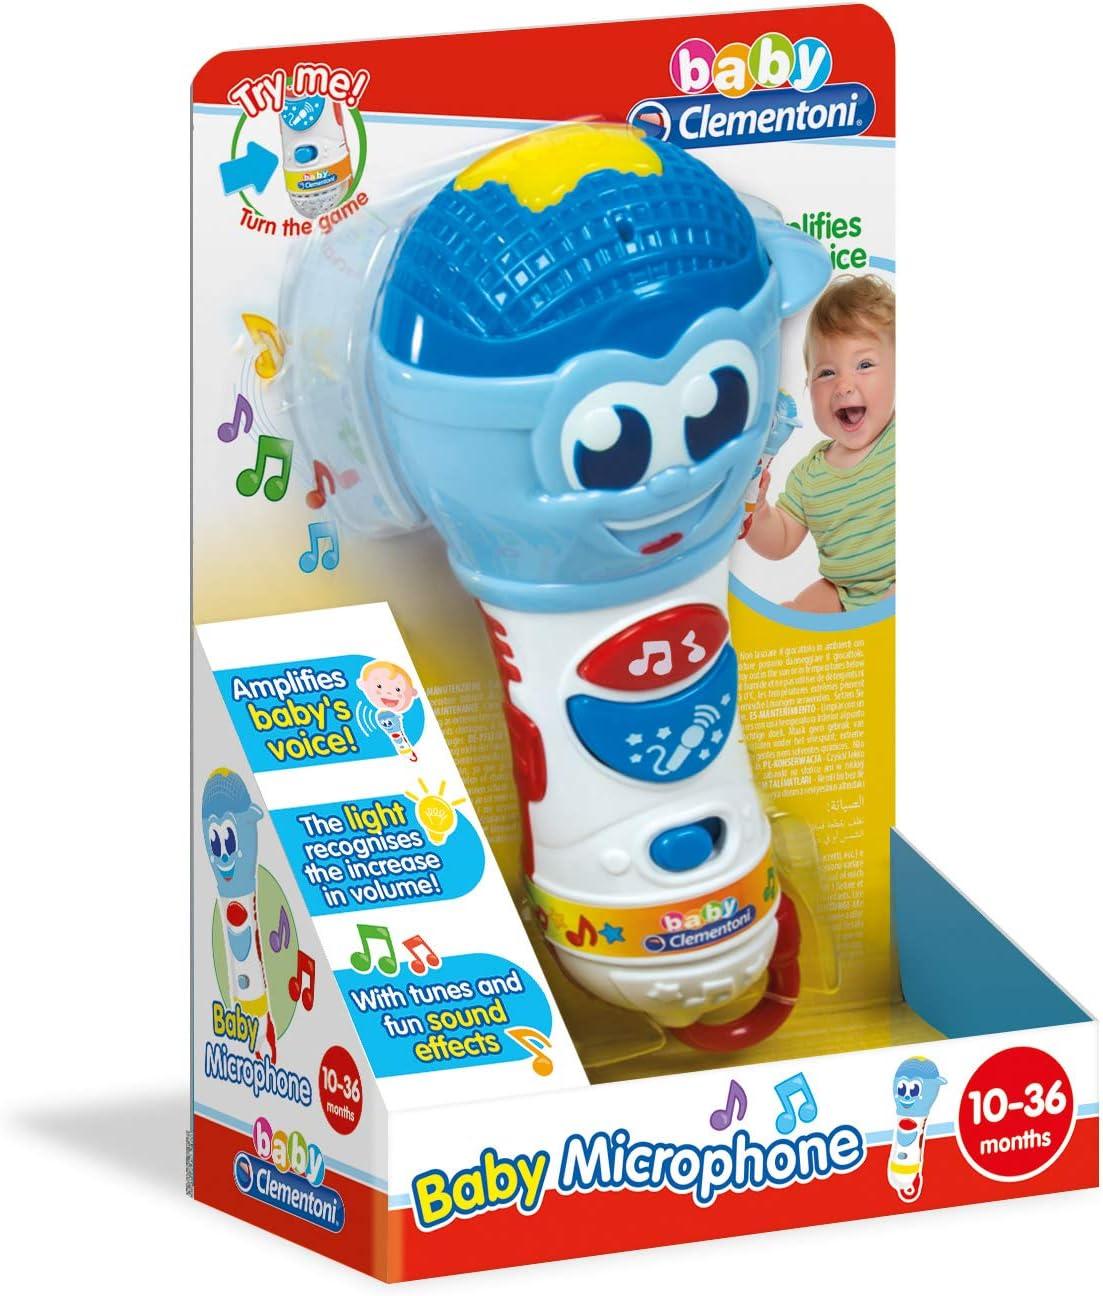 Clementoni – Baby micrófono – Premier edad, 17181: Amazon.es ...